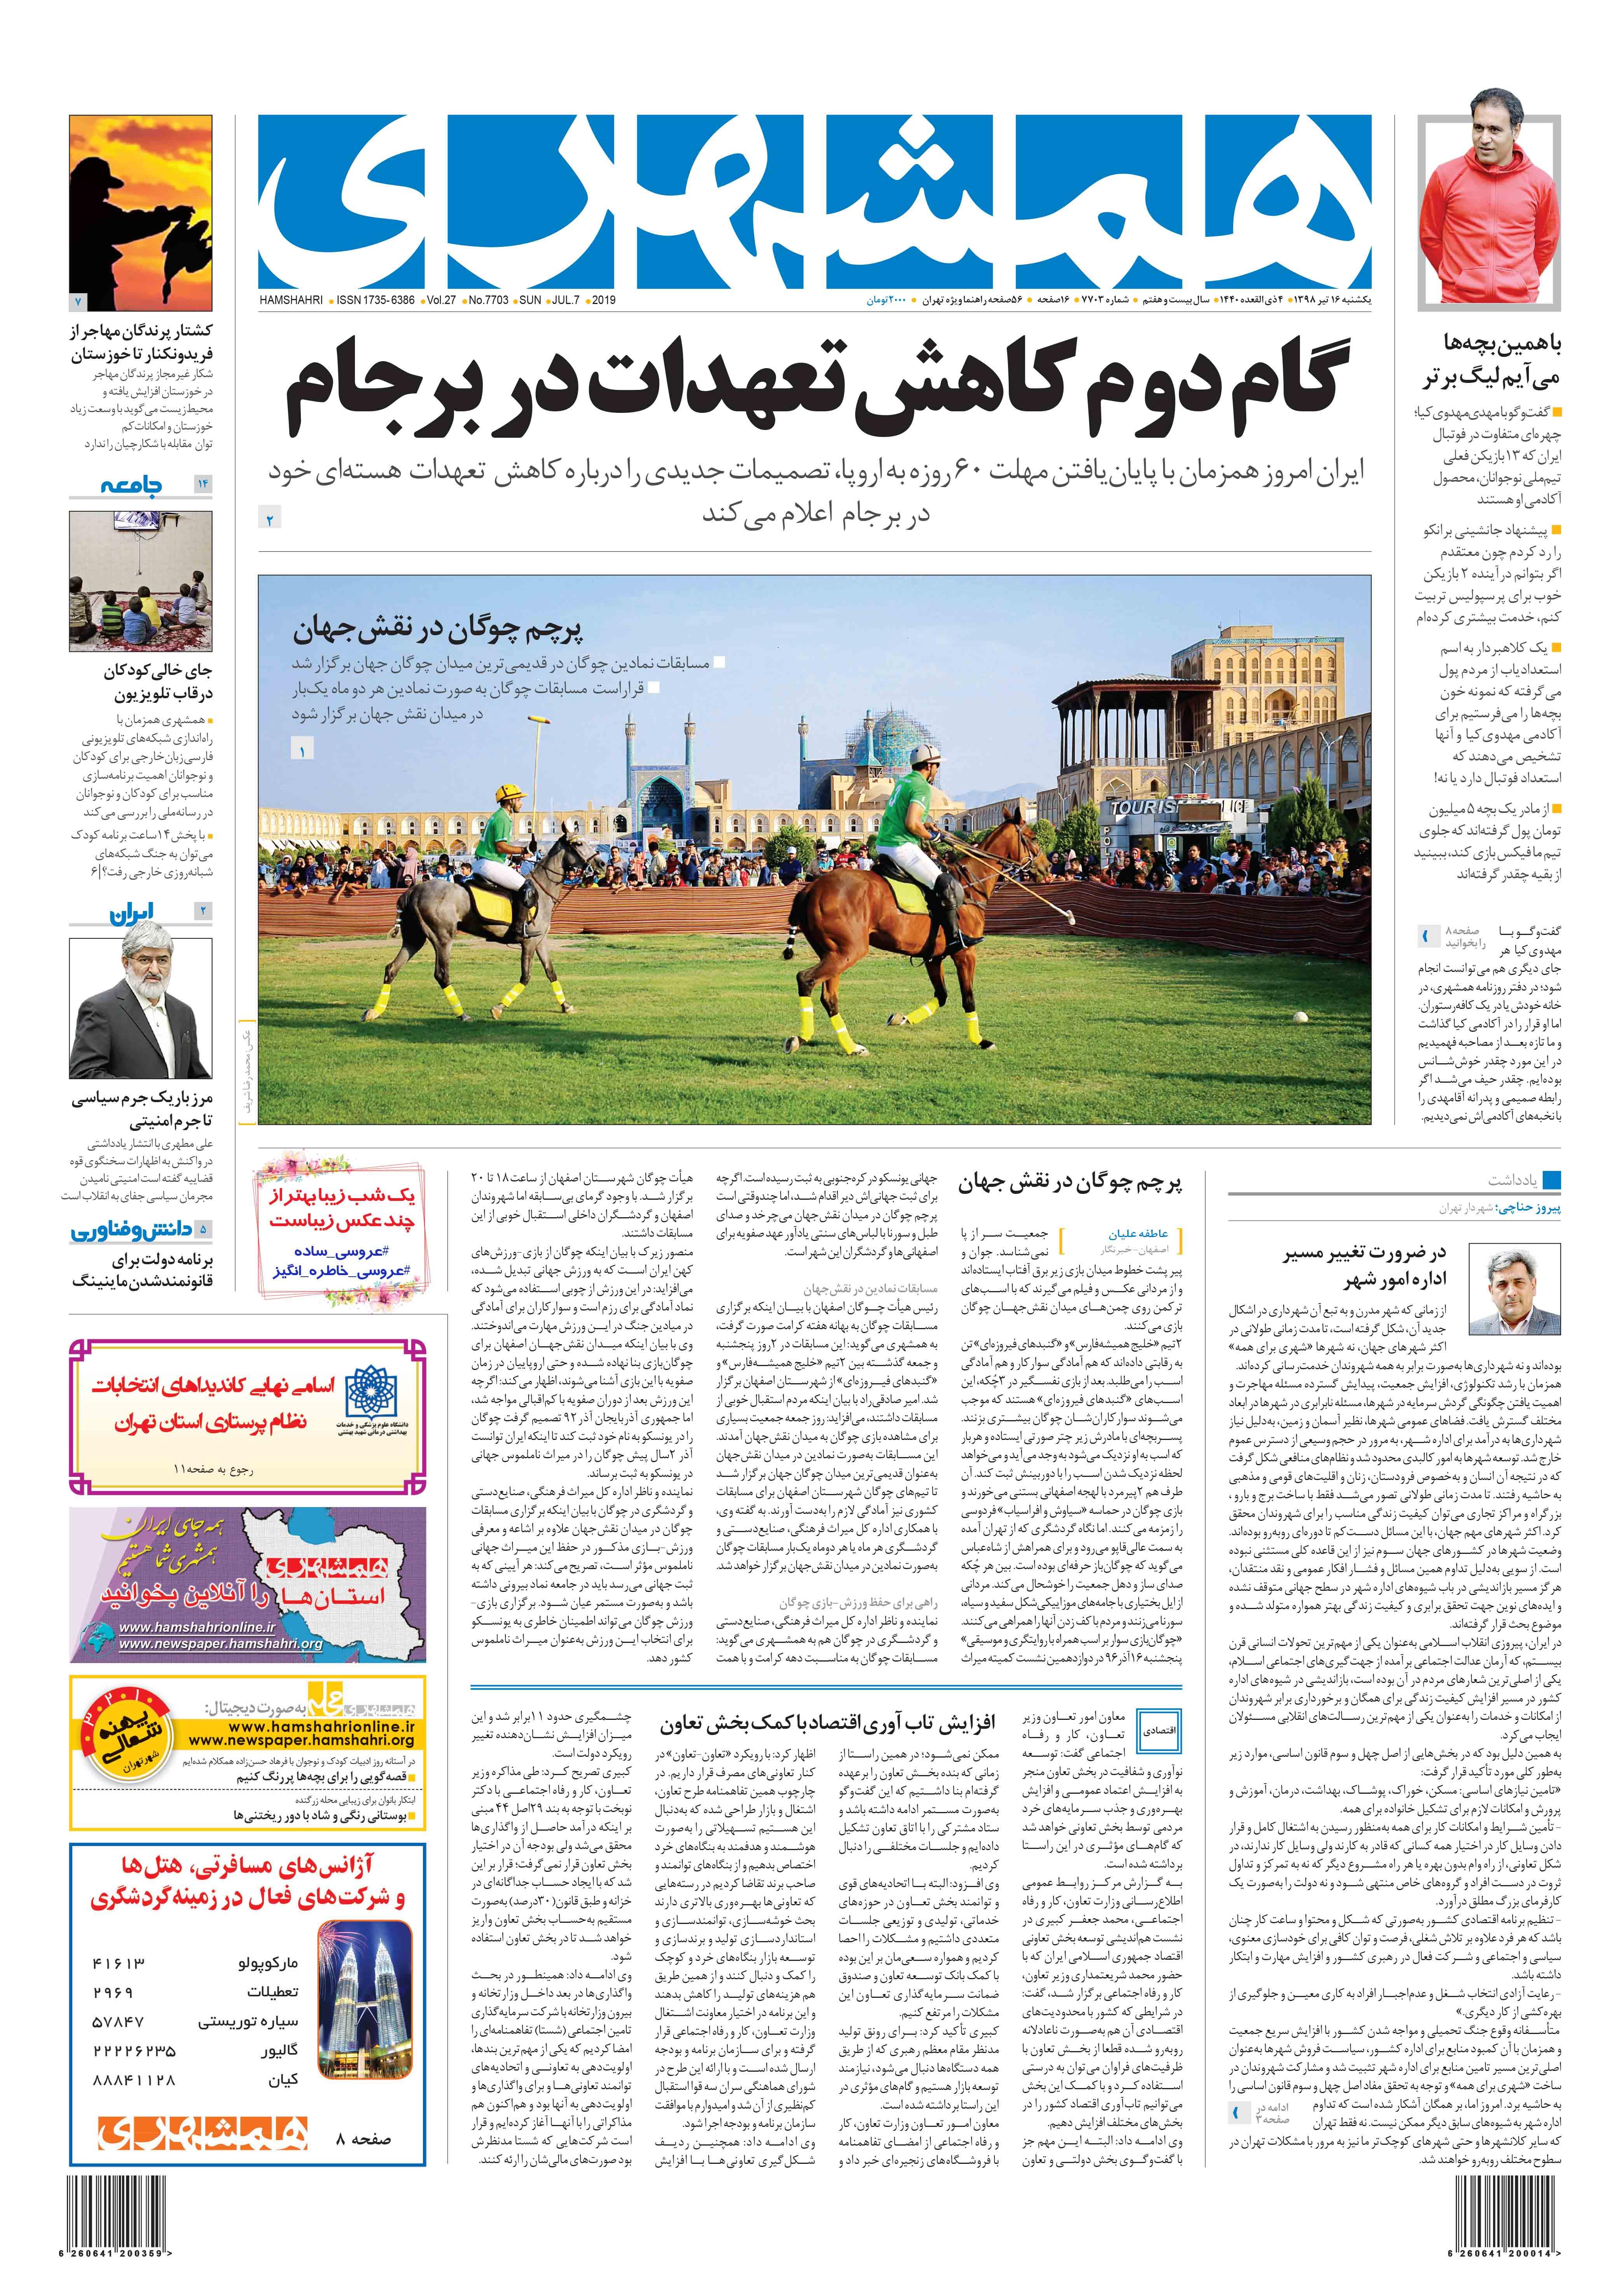 صفحه اول یکشنبه 16 تیر 1398